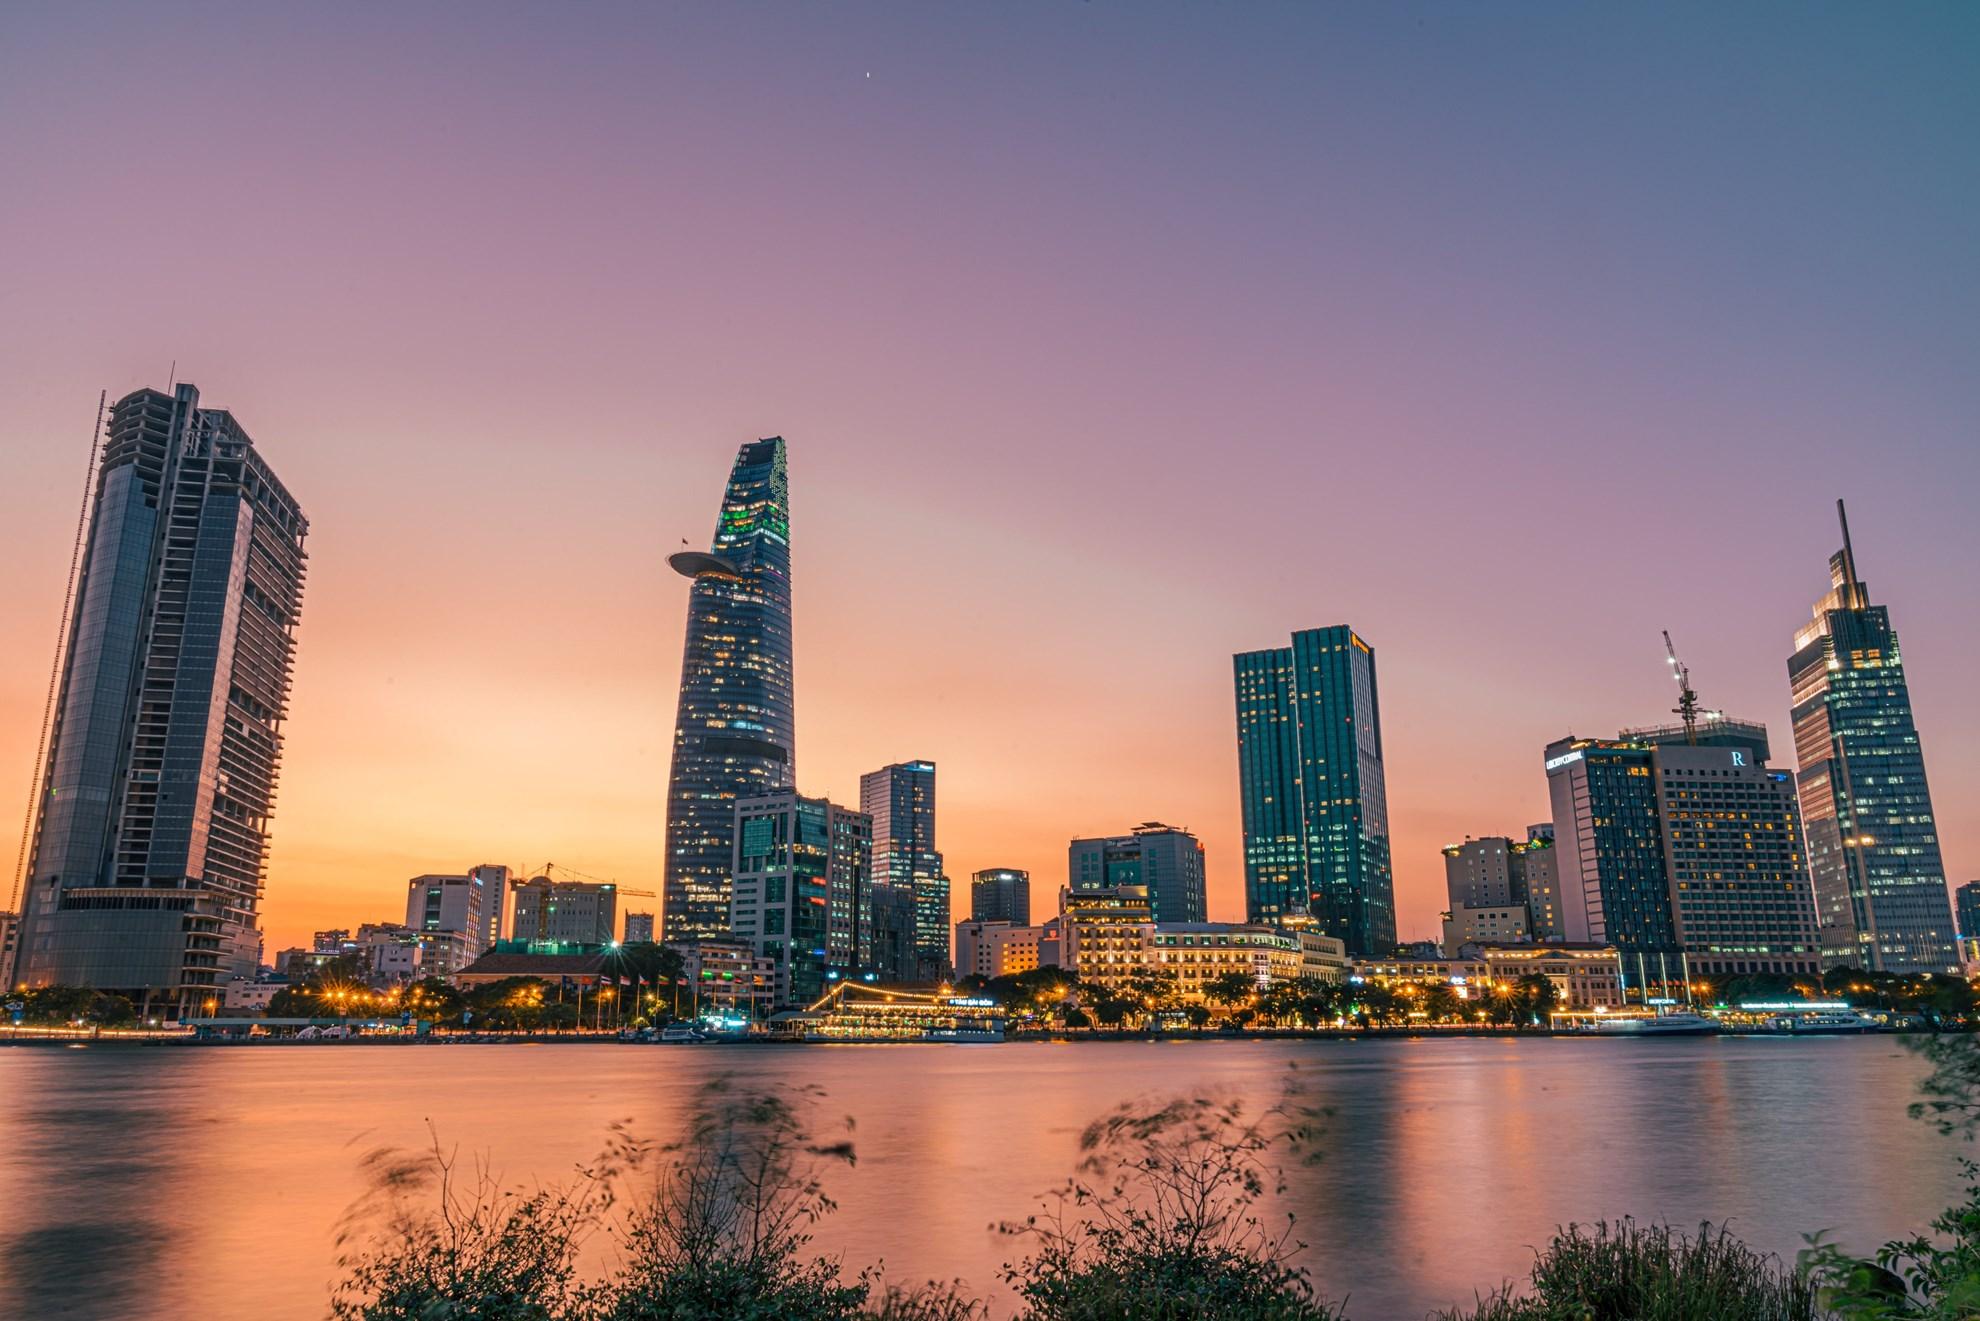 Hình đại điện của danh mục Hồ Chí Minh